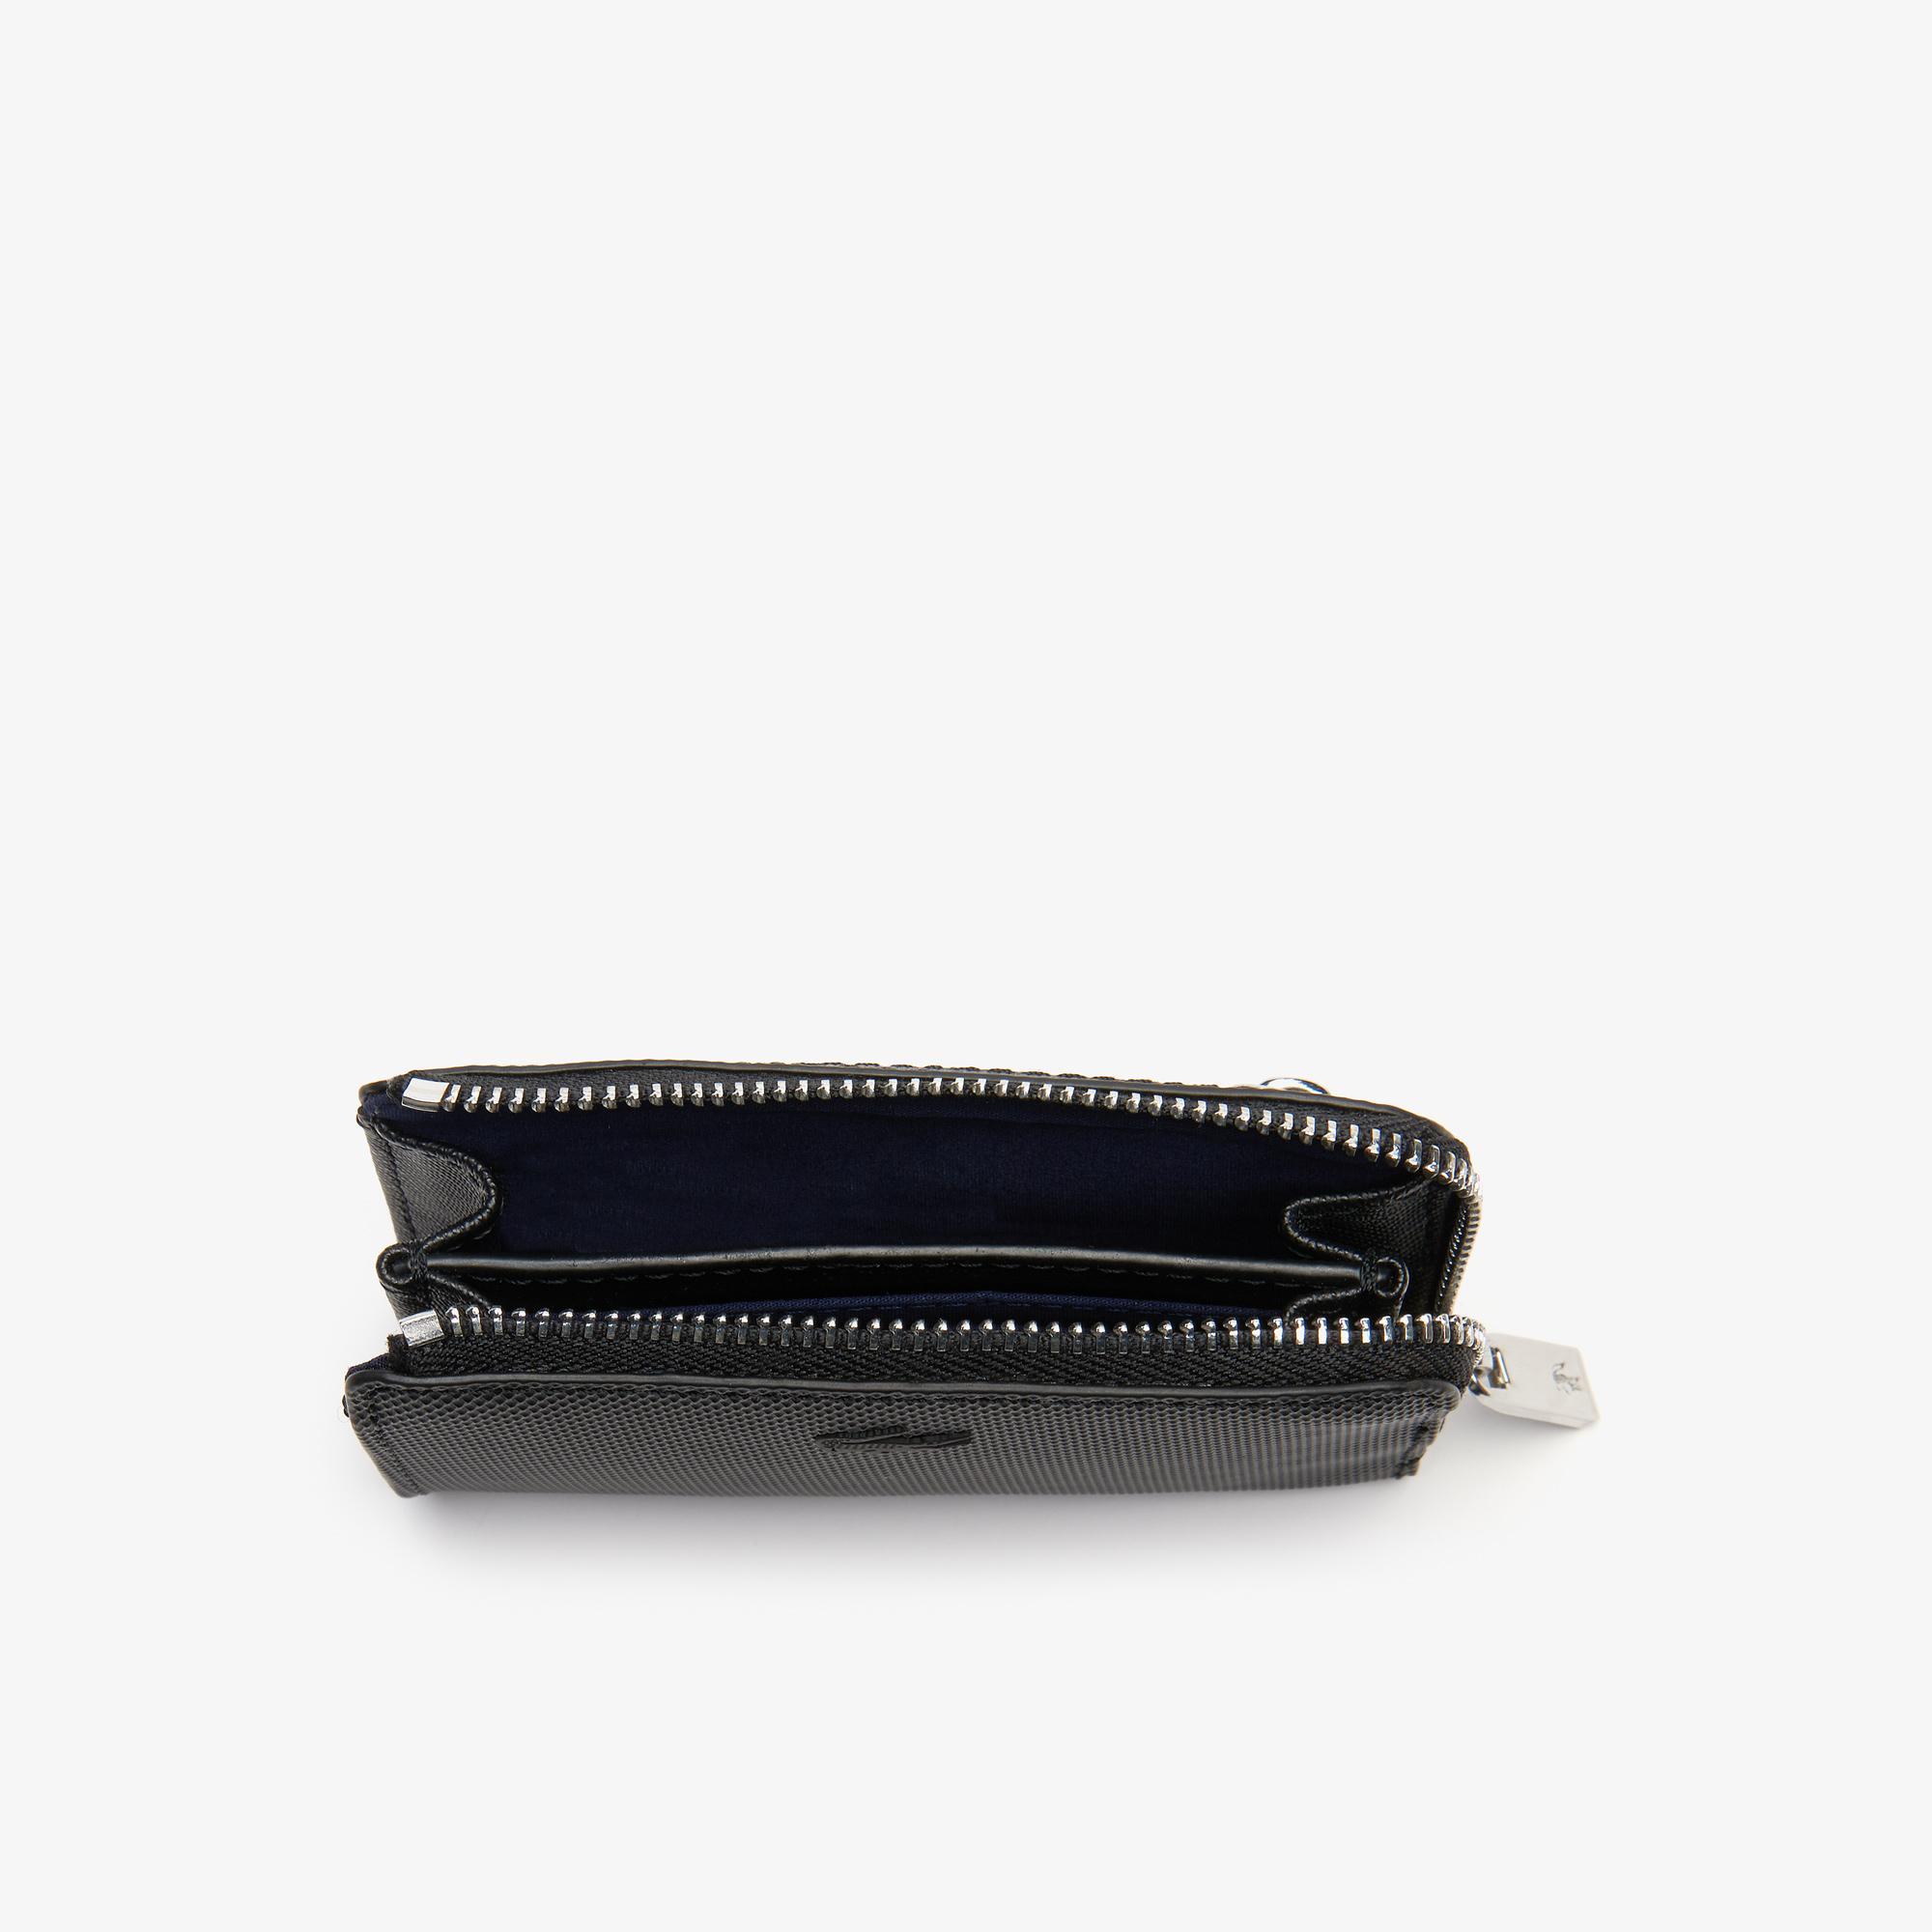 Lacoste Men's Classic Petit Piqué Zip Card Holder